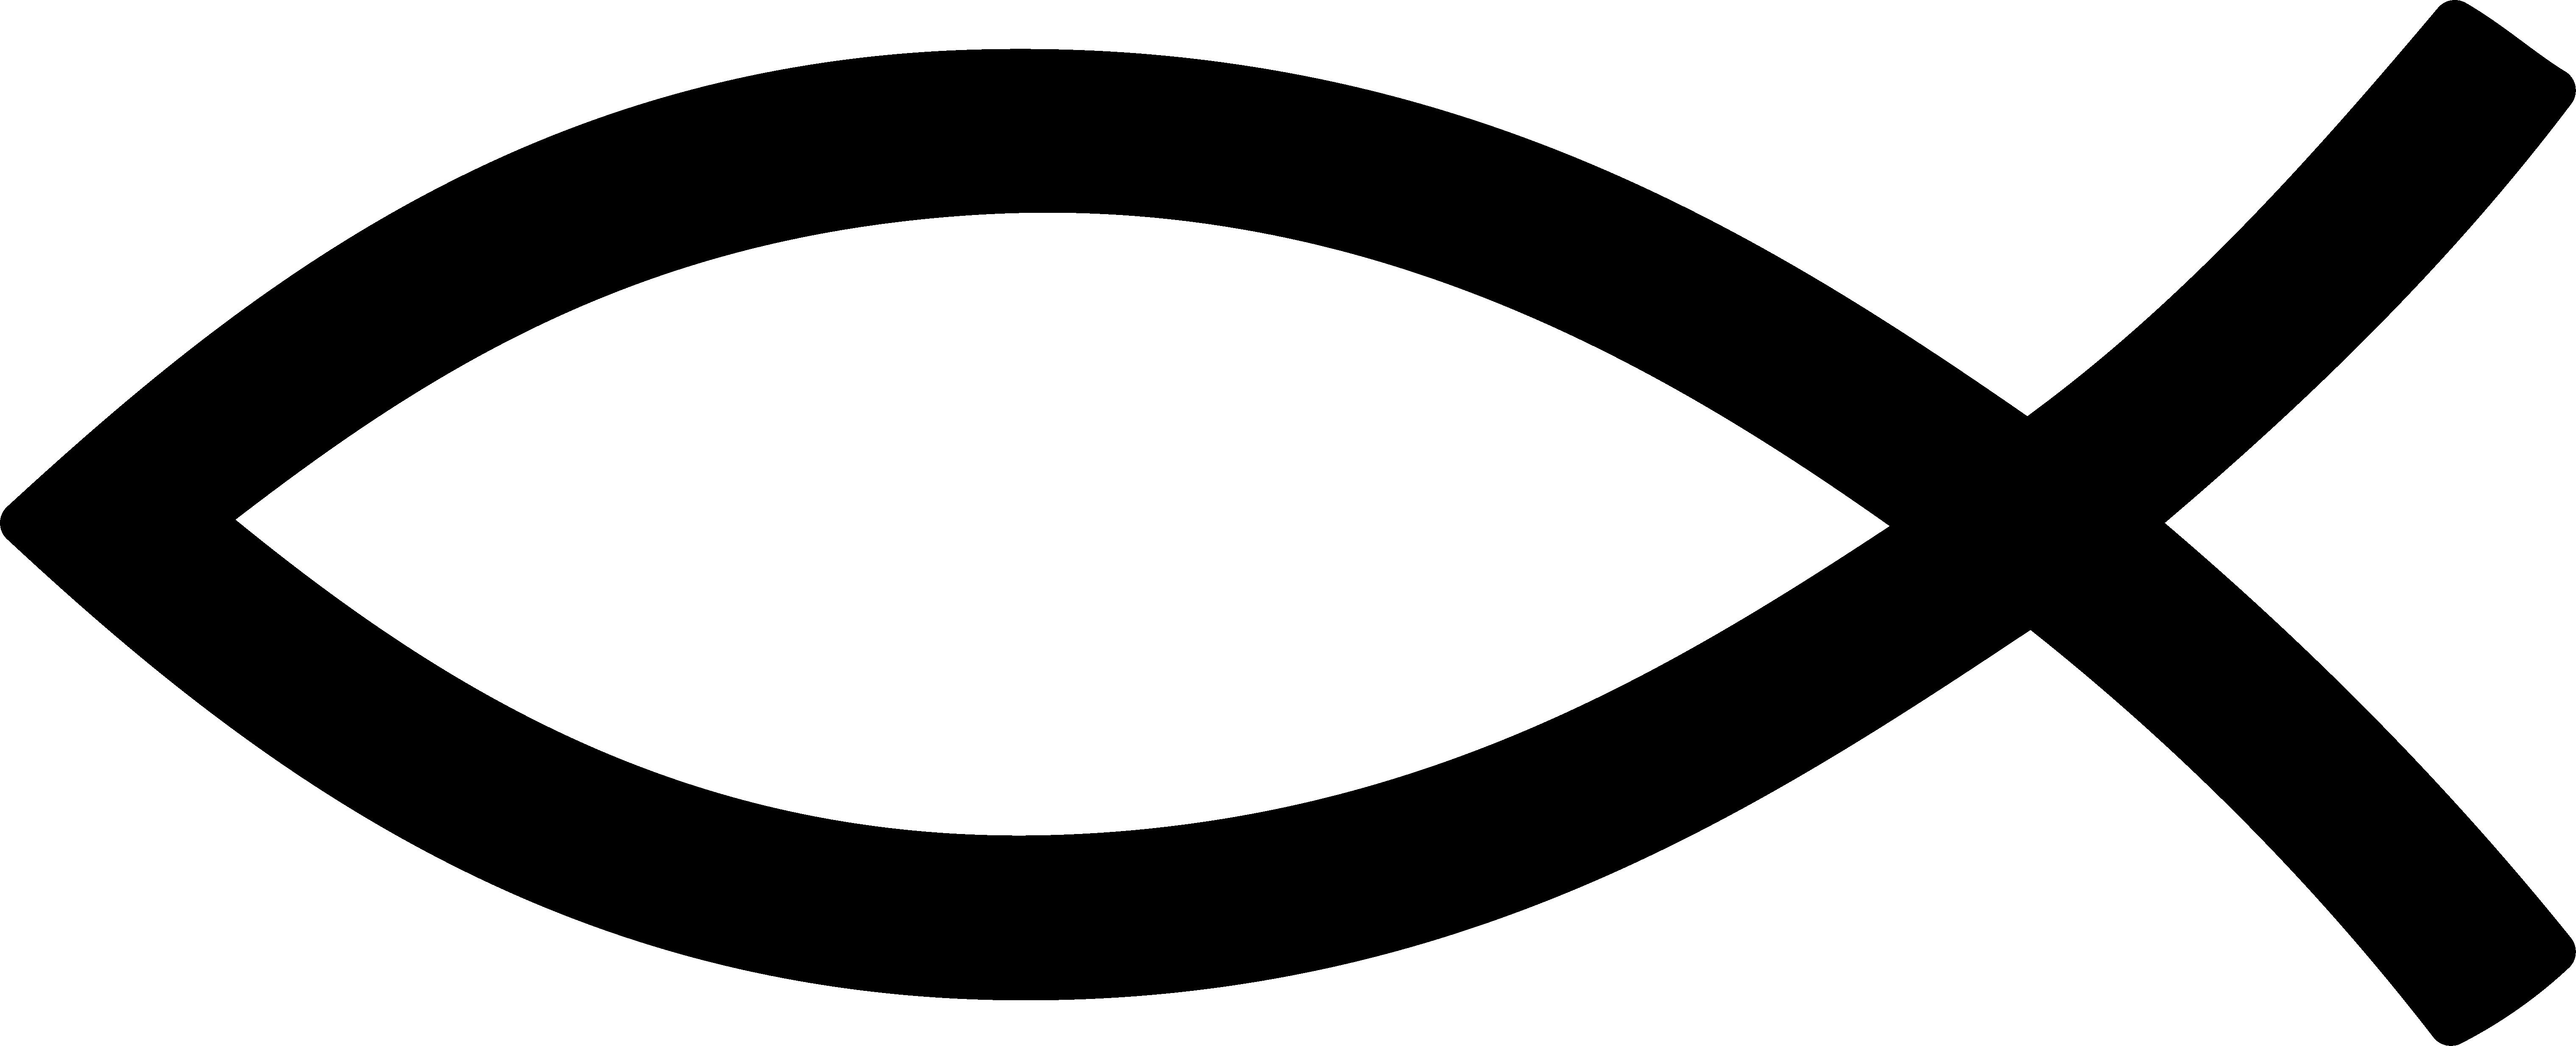 Black Christian Fish Symbol